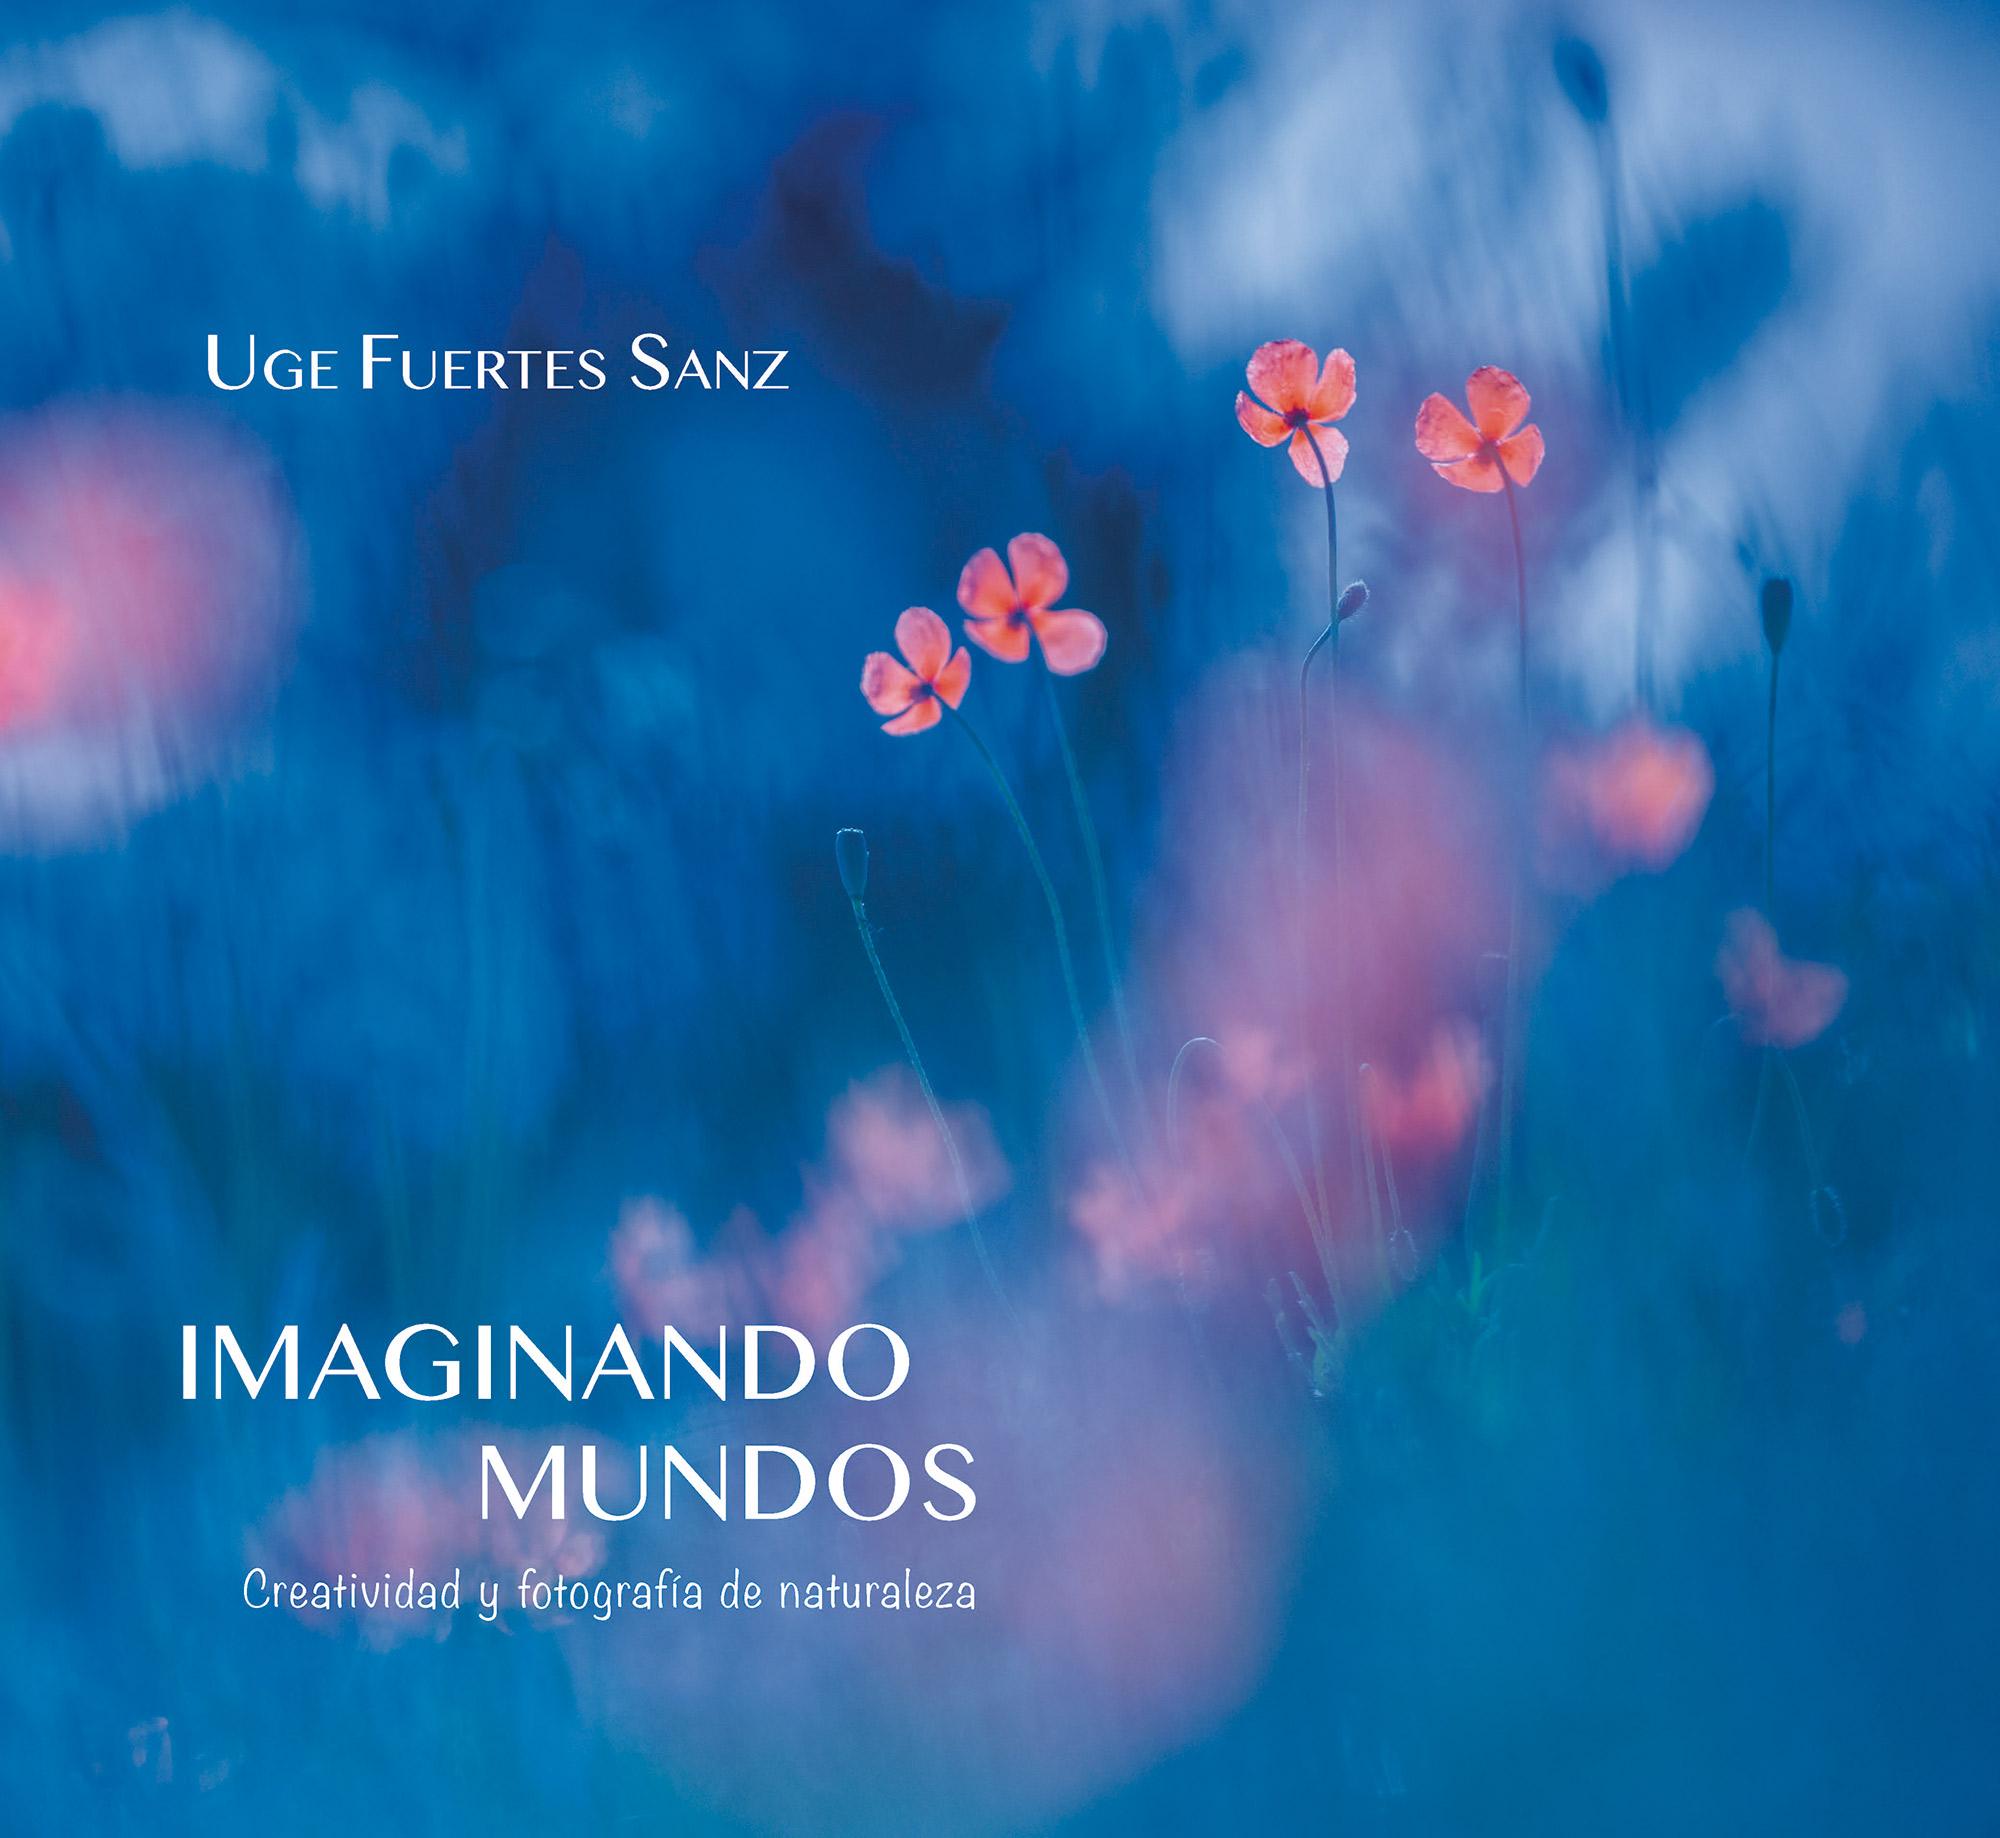 Imaginando mundos. Creatividad y fotografía de naturaleza - Uge Fuertes Sanz. Libro Imaginando mundos, creatividad y fotografía de naturaleza